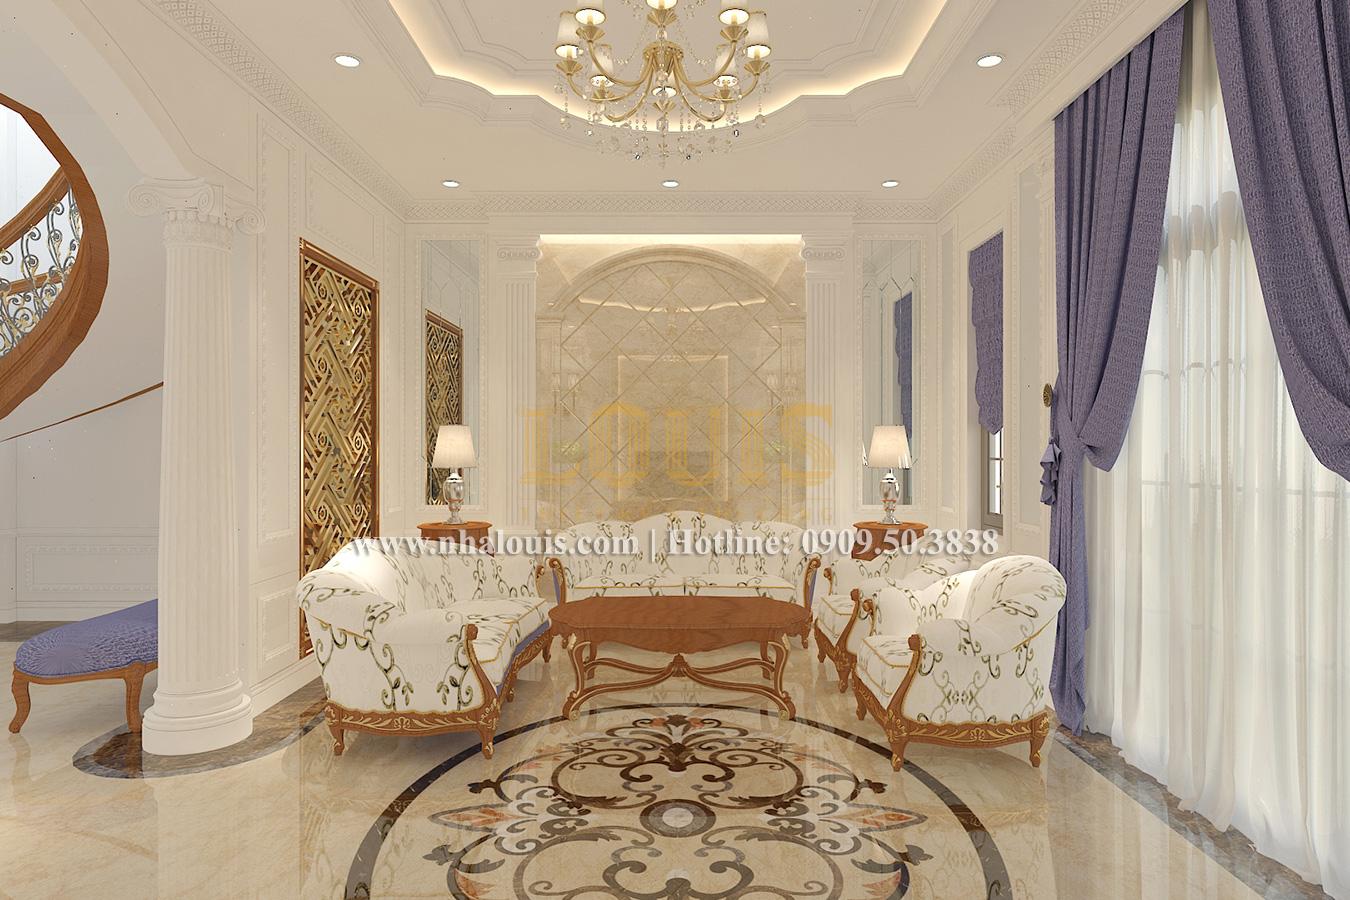 Phòng khách Biệt thự phong cách cổ điển châu Âu tại Bến Tre chuẩn đẳng cấp - 09